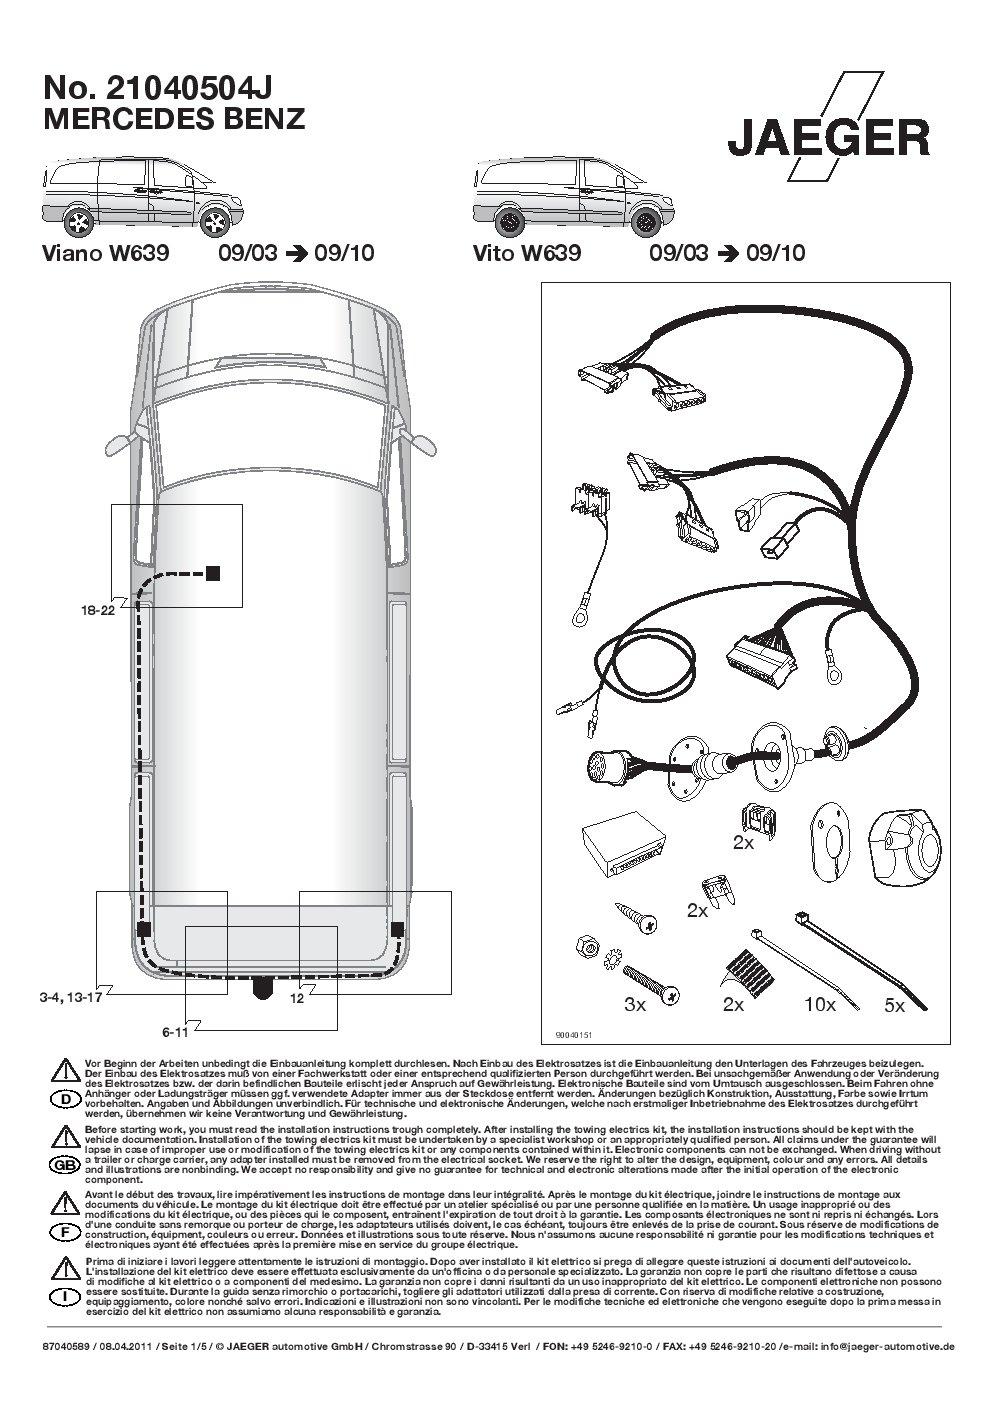 13 poliger spezifischer original Jaeger E-Satz für Mercedes-Benz C-Klasse W203